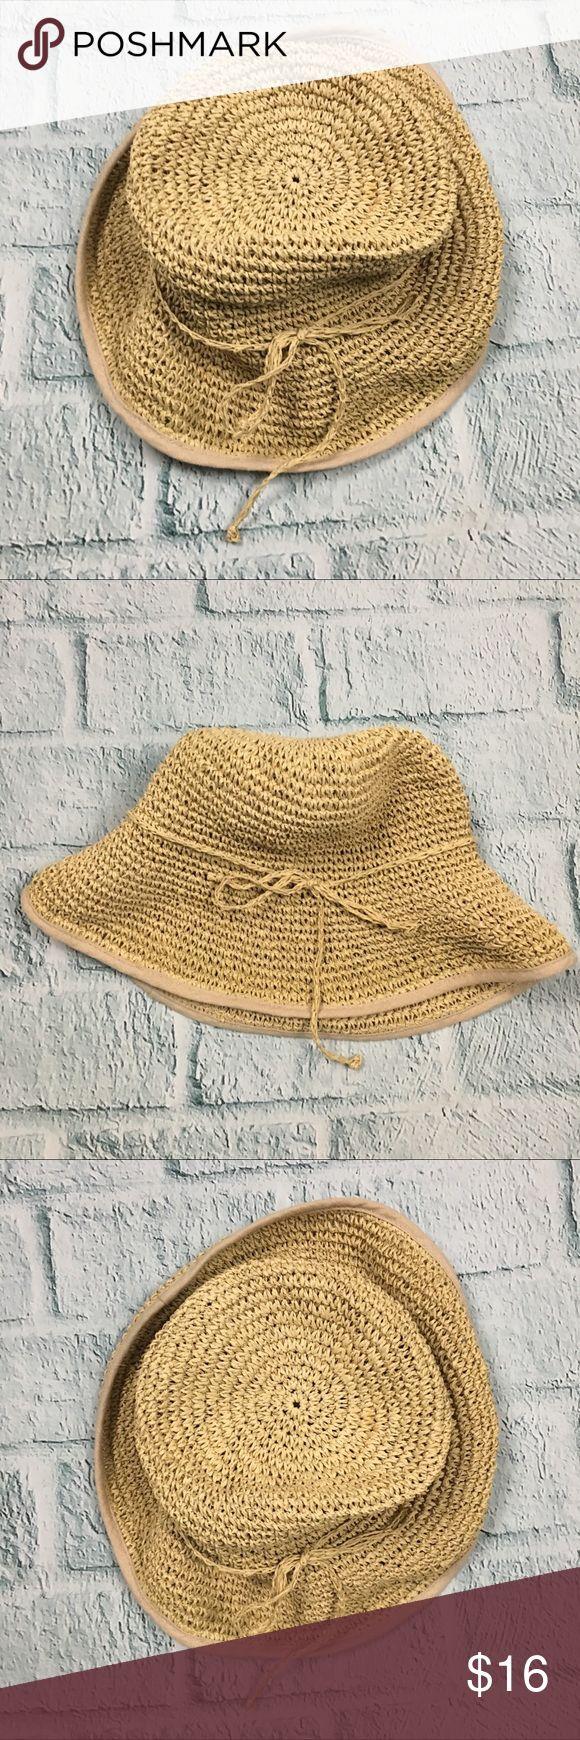 """Eddie Bauer Floppy Straw Beach Hat Floppy straw hat from Eddie Bauer featuring straw bow accent. Medium size brim. •Good used condition - gently worn. •100% Straw •One Size --- Circumferance (head part only) - 21"""" --- Brim to head part --- 4"""" --- Total diameter: ~15"""" Eddie Bauer Accessories Hats"""